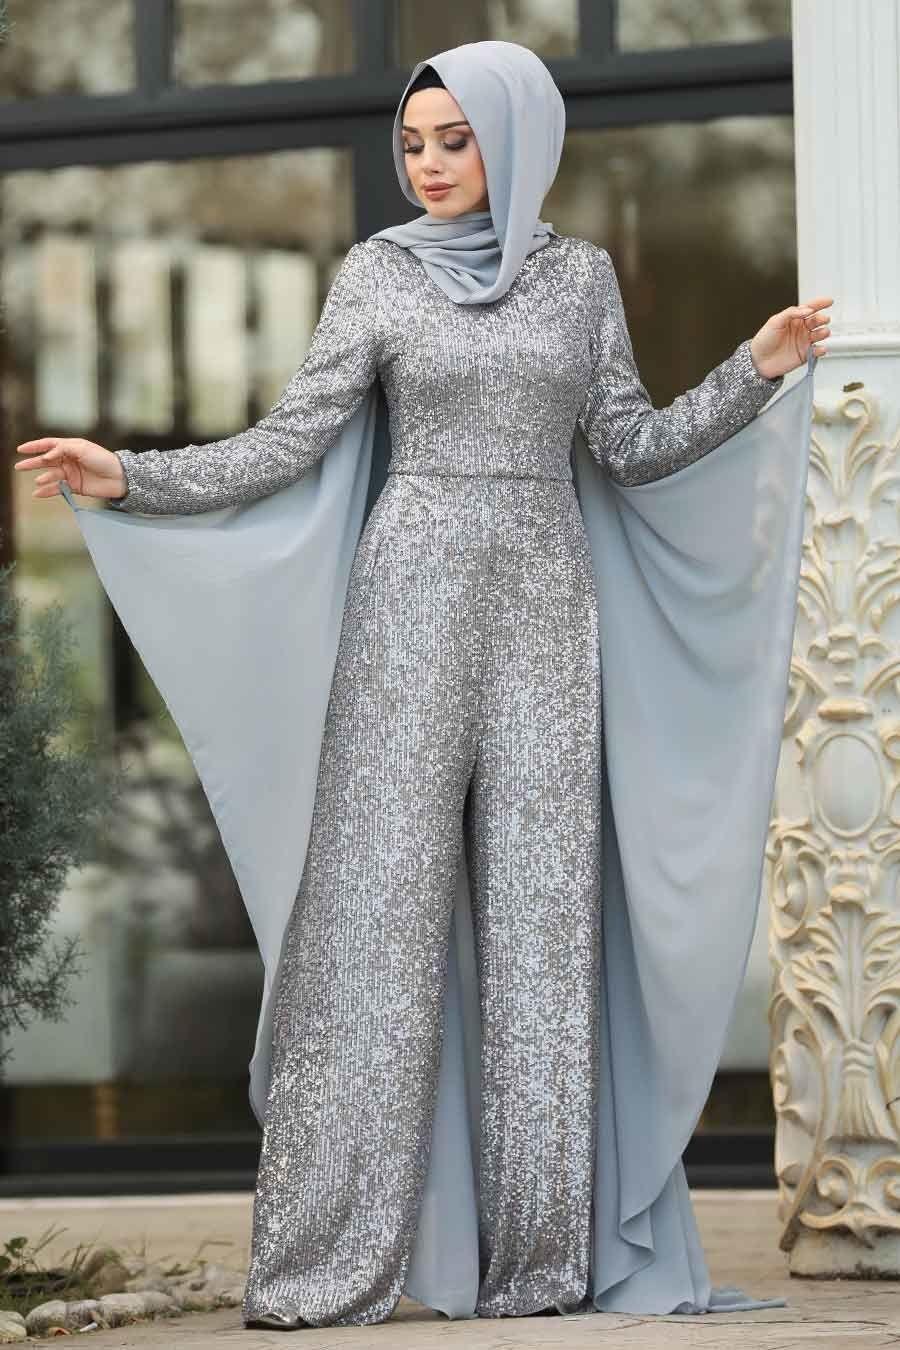 Tesetturlu Abiye Elbise Pul Payetli Gri Tesettur Abiye Tulum 38870gr Tesetturisland Com Moda Stilleri Elbise Kadin Olmak